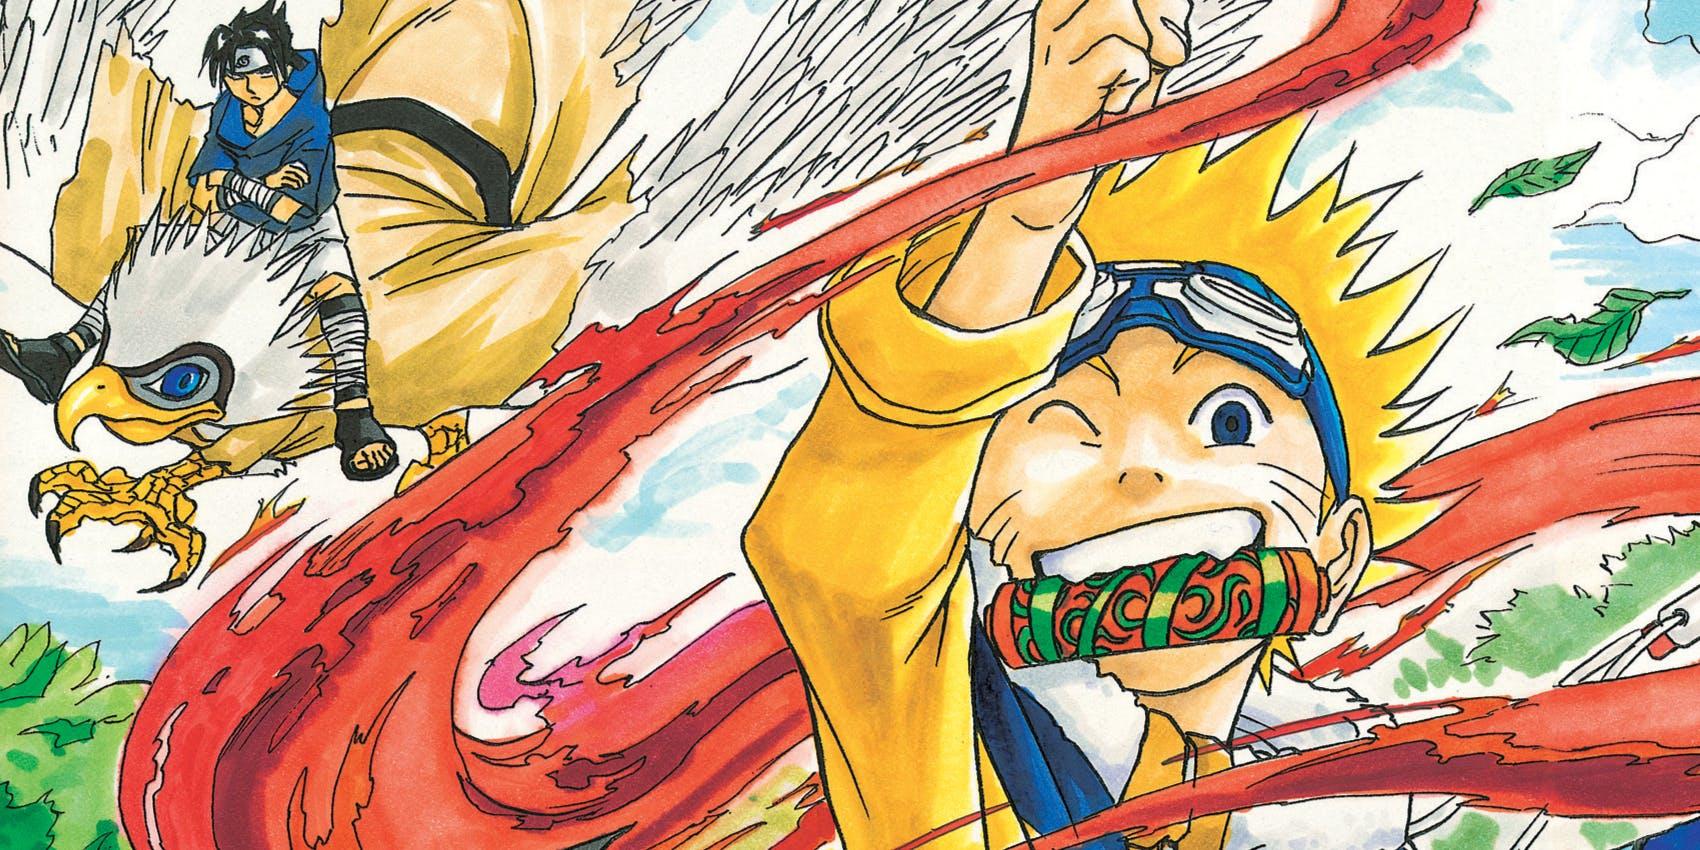 Sinh nhật của Uzumaki Naruto và những sự thật ít người biết về bộ manga huyền thoại Nhật Bản - Ảnh 2.